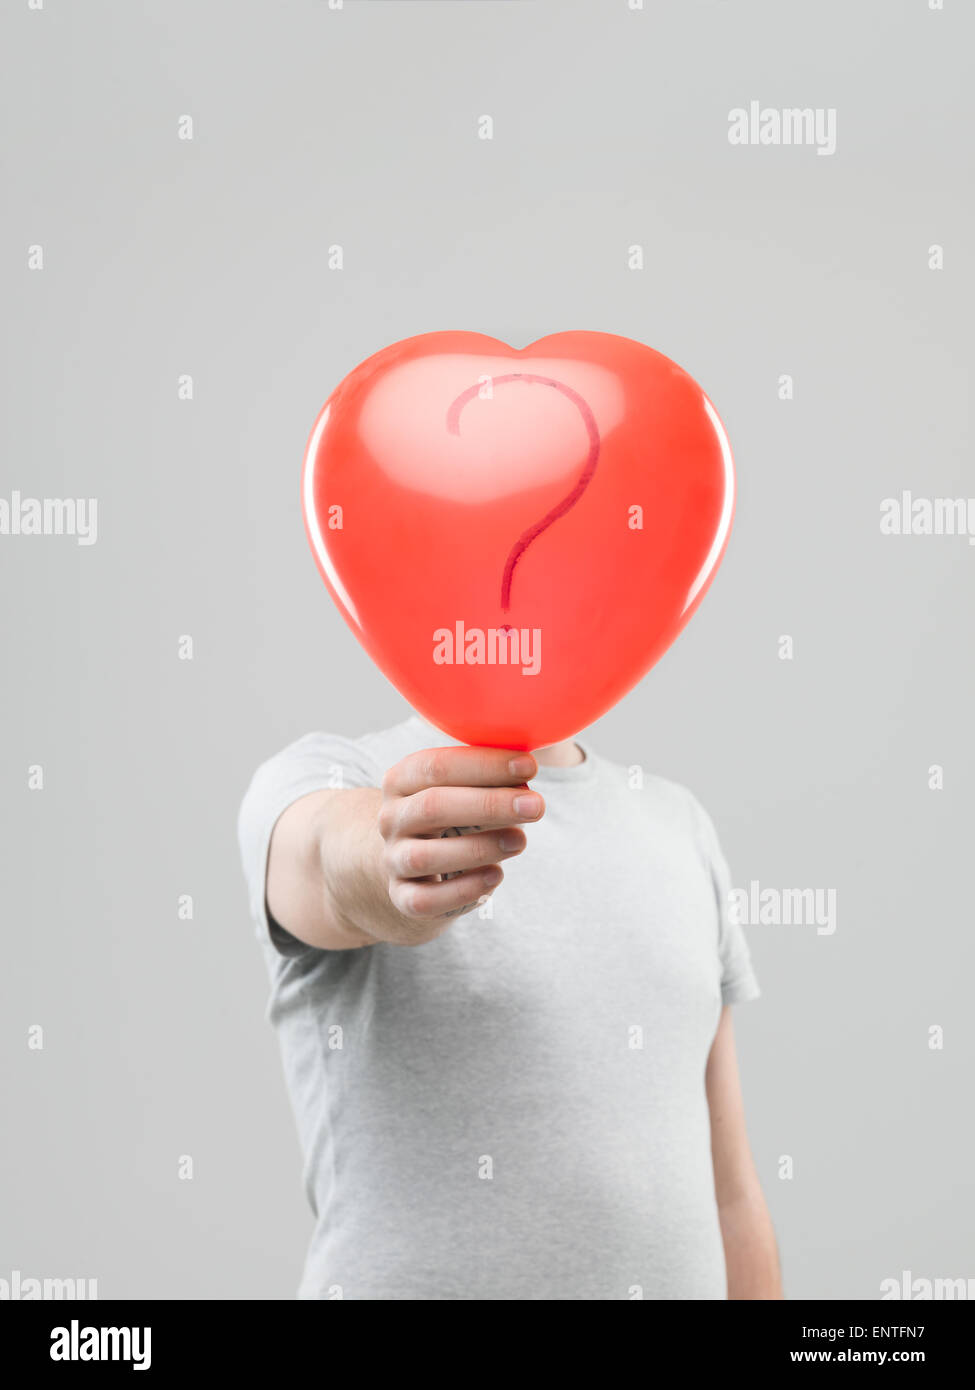 kaukasischen Mann hält Herz geformt Ballon mit Fragezeichen vor seinen Kopf vor grauem Hintergrund Stockfoto